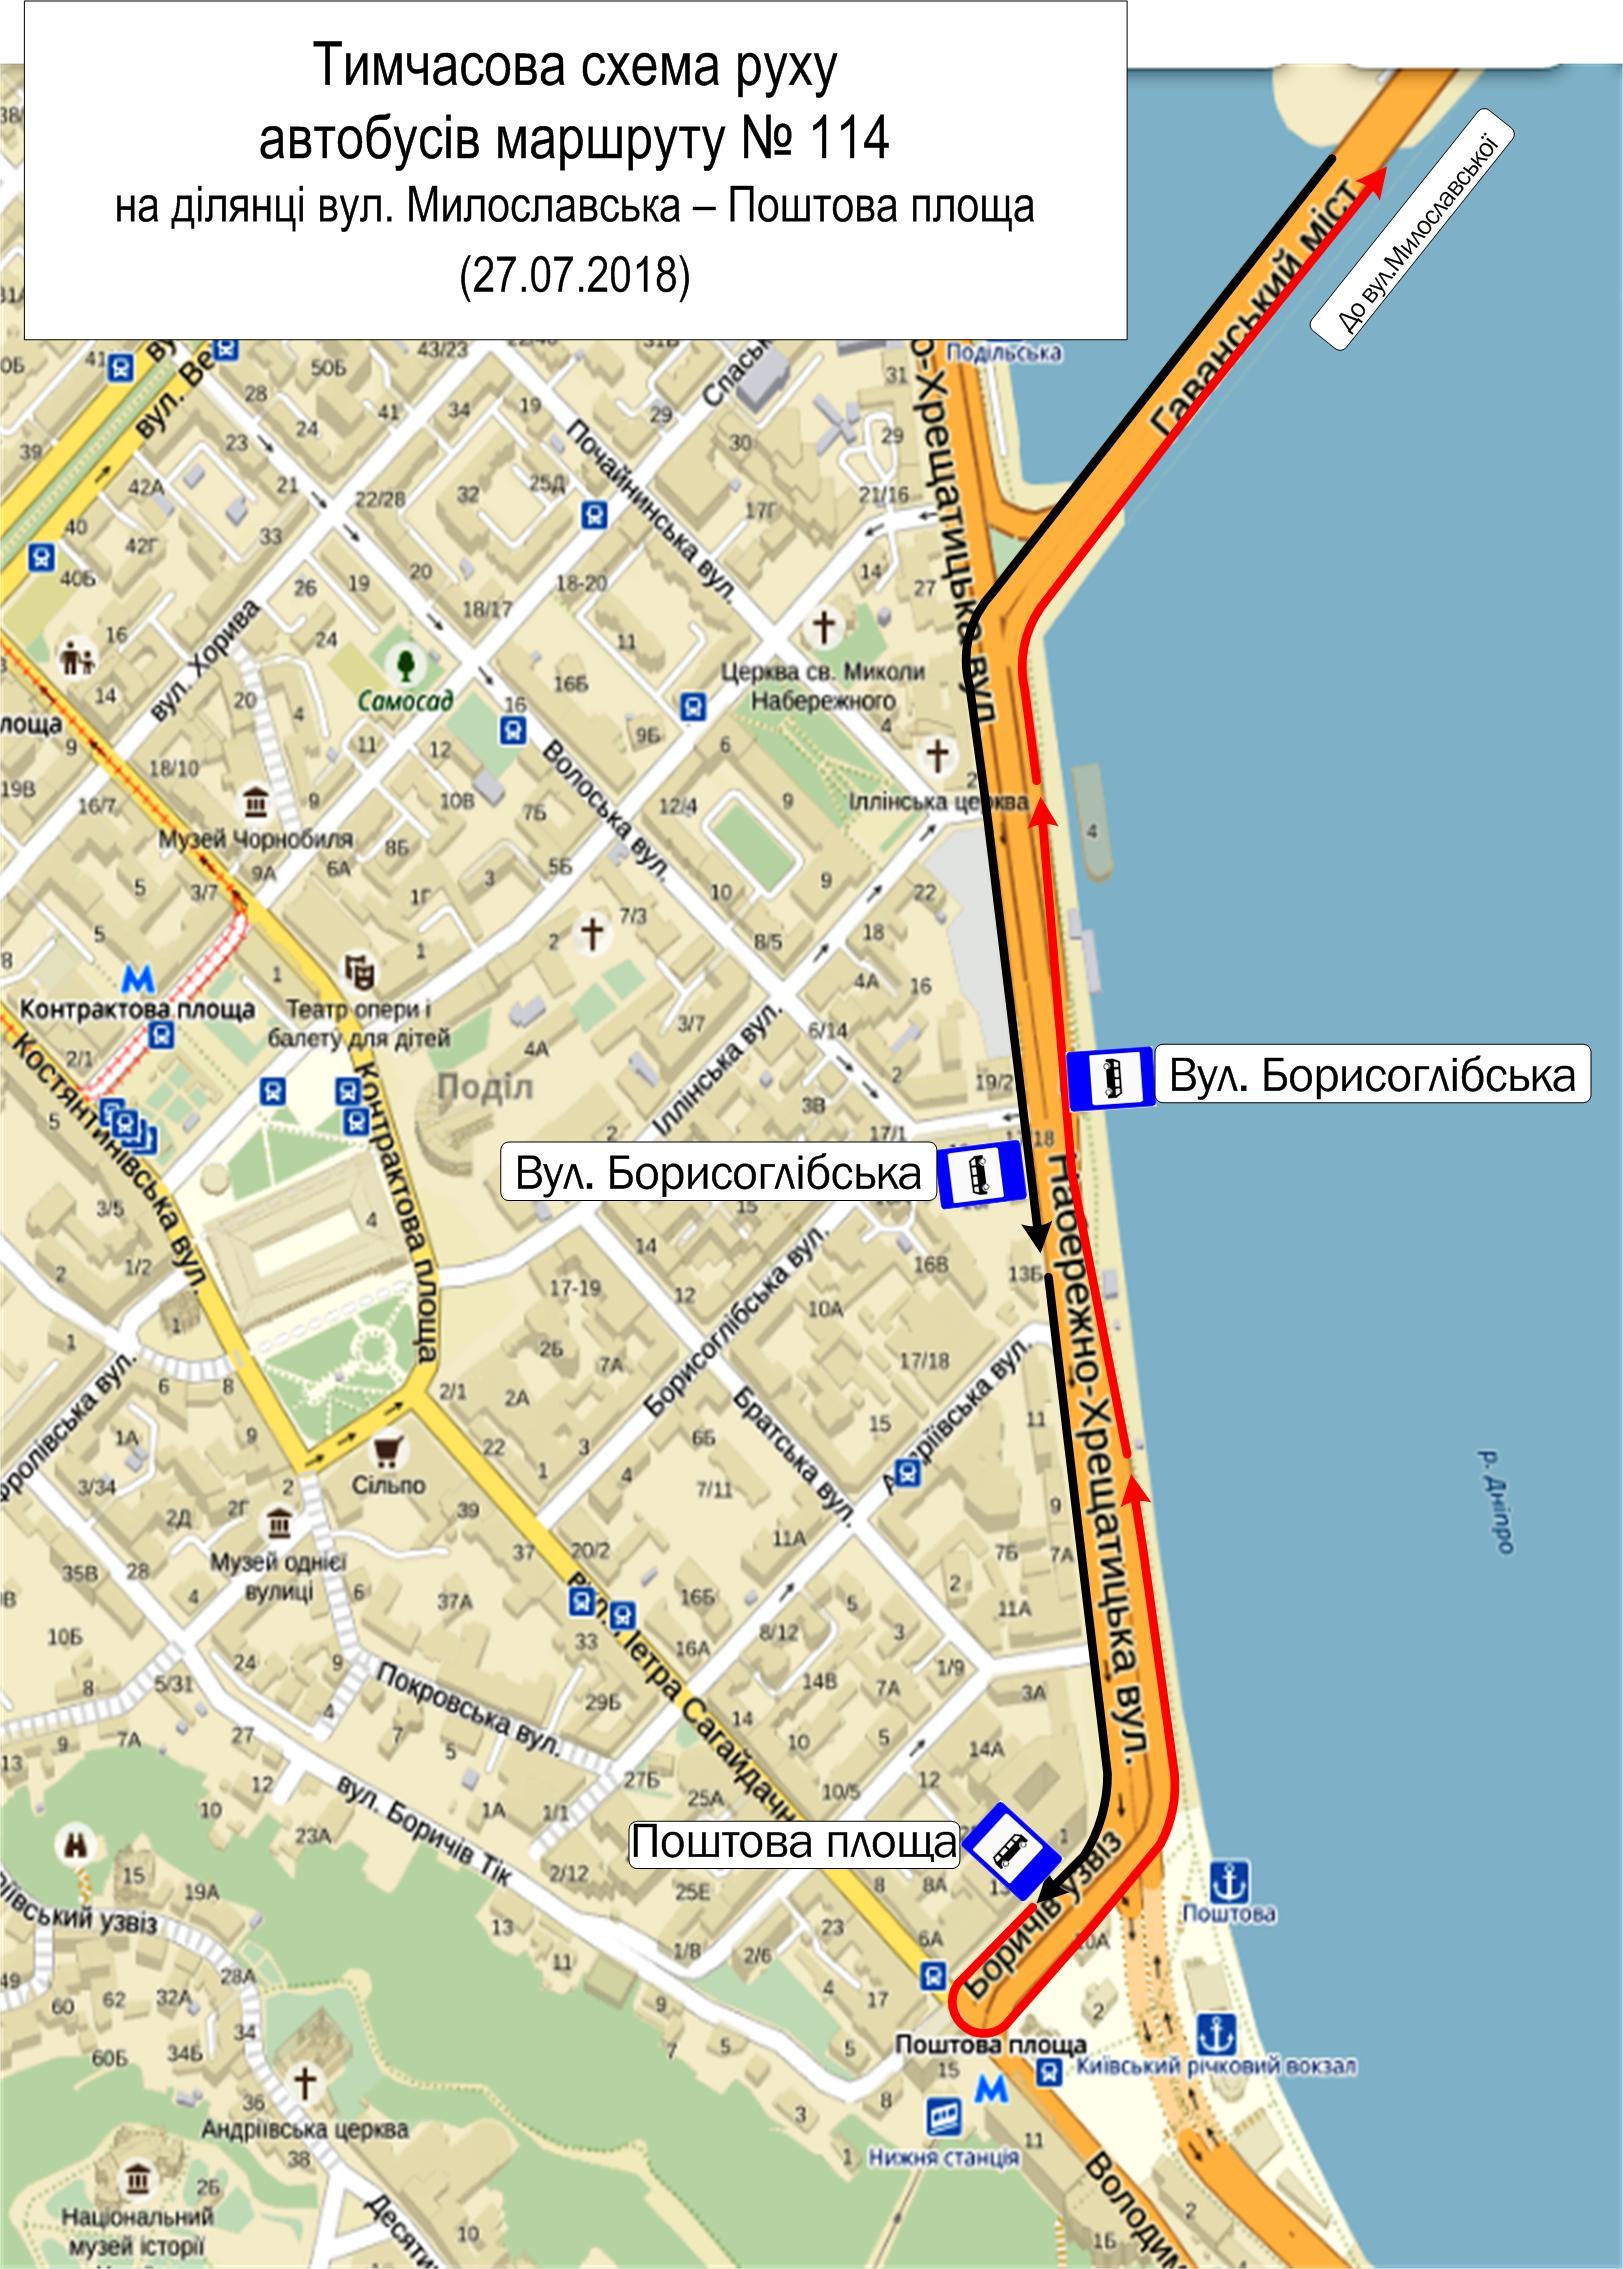 Автобус № 114 будет курсировать от улицы Милославская до Почтовой площади по данной схеме